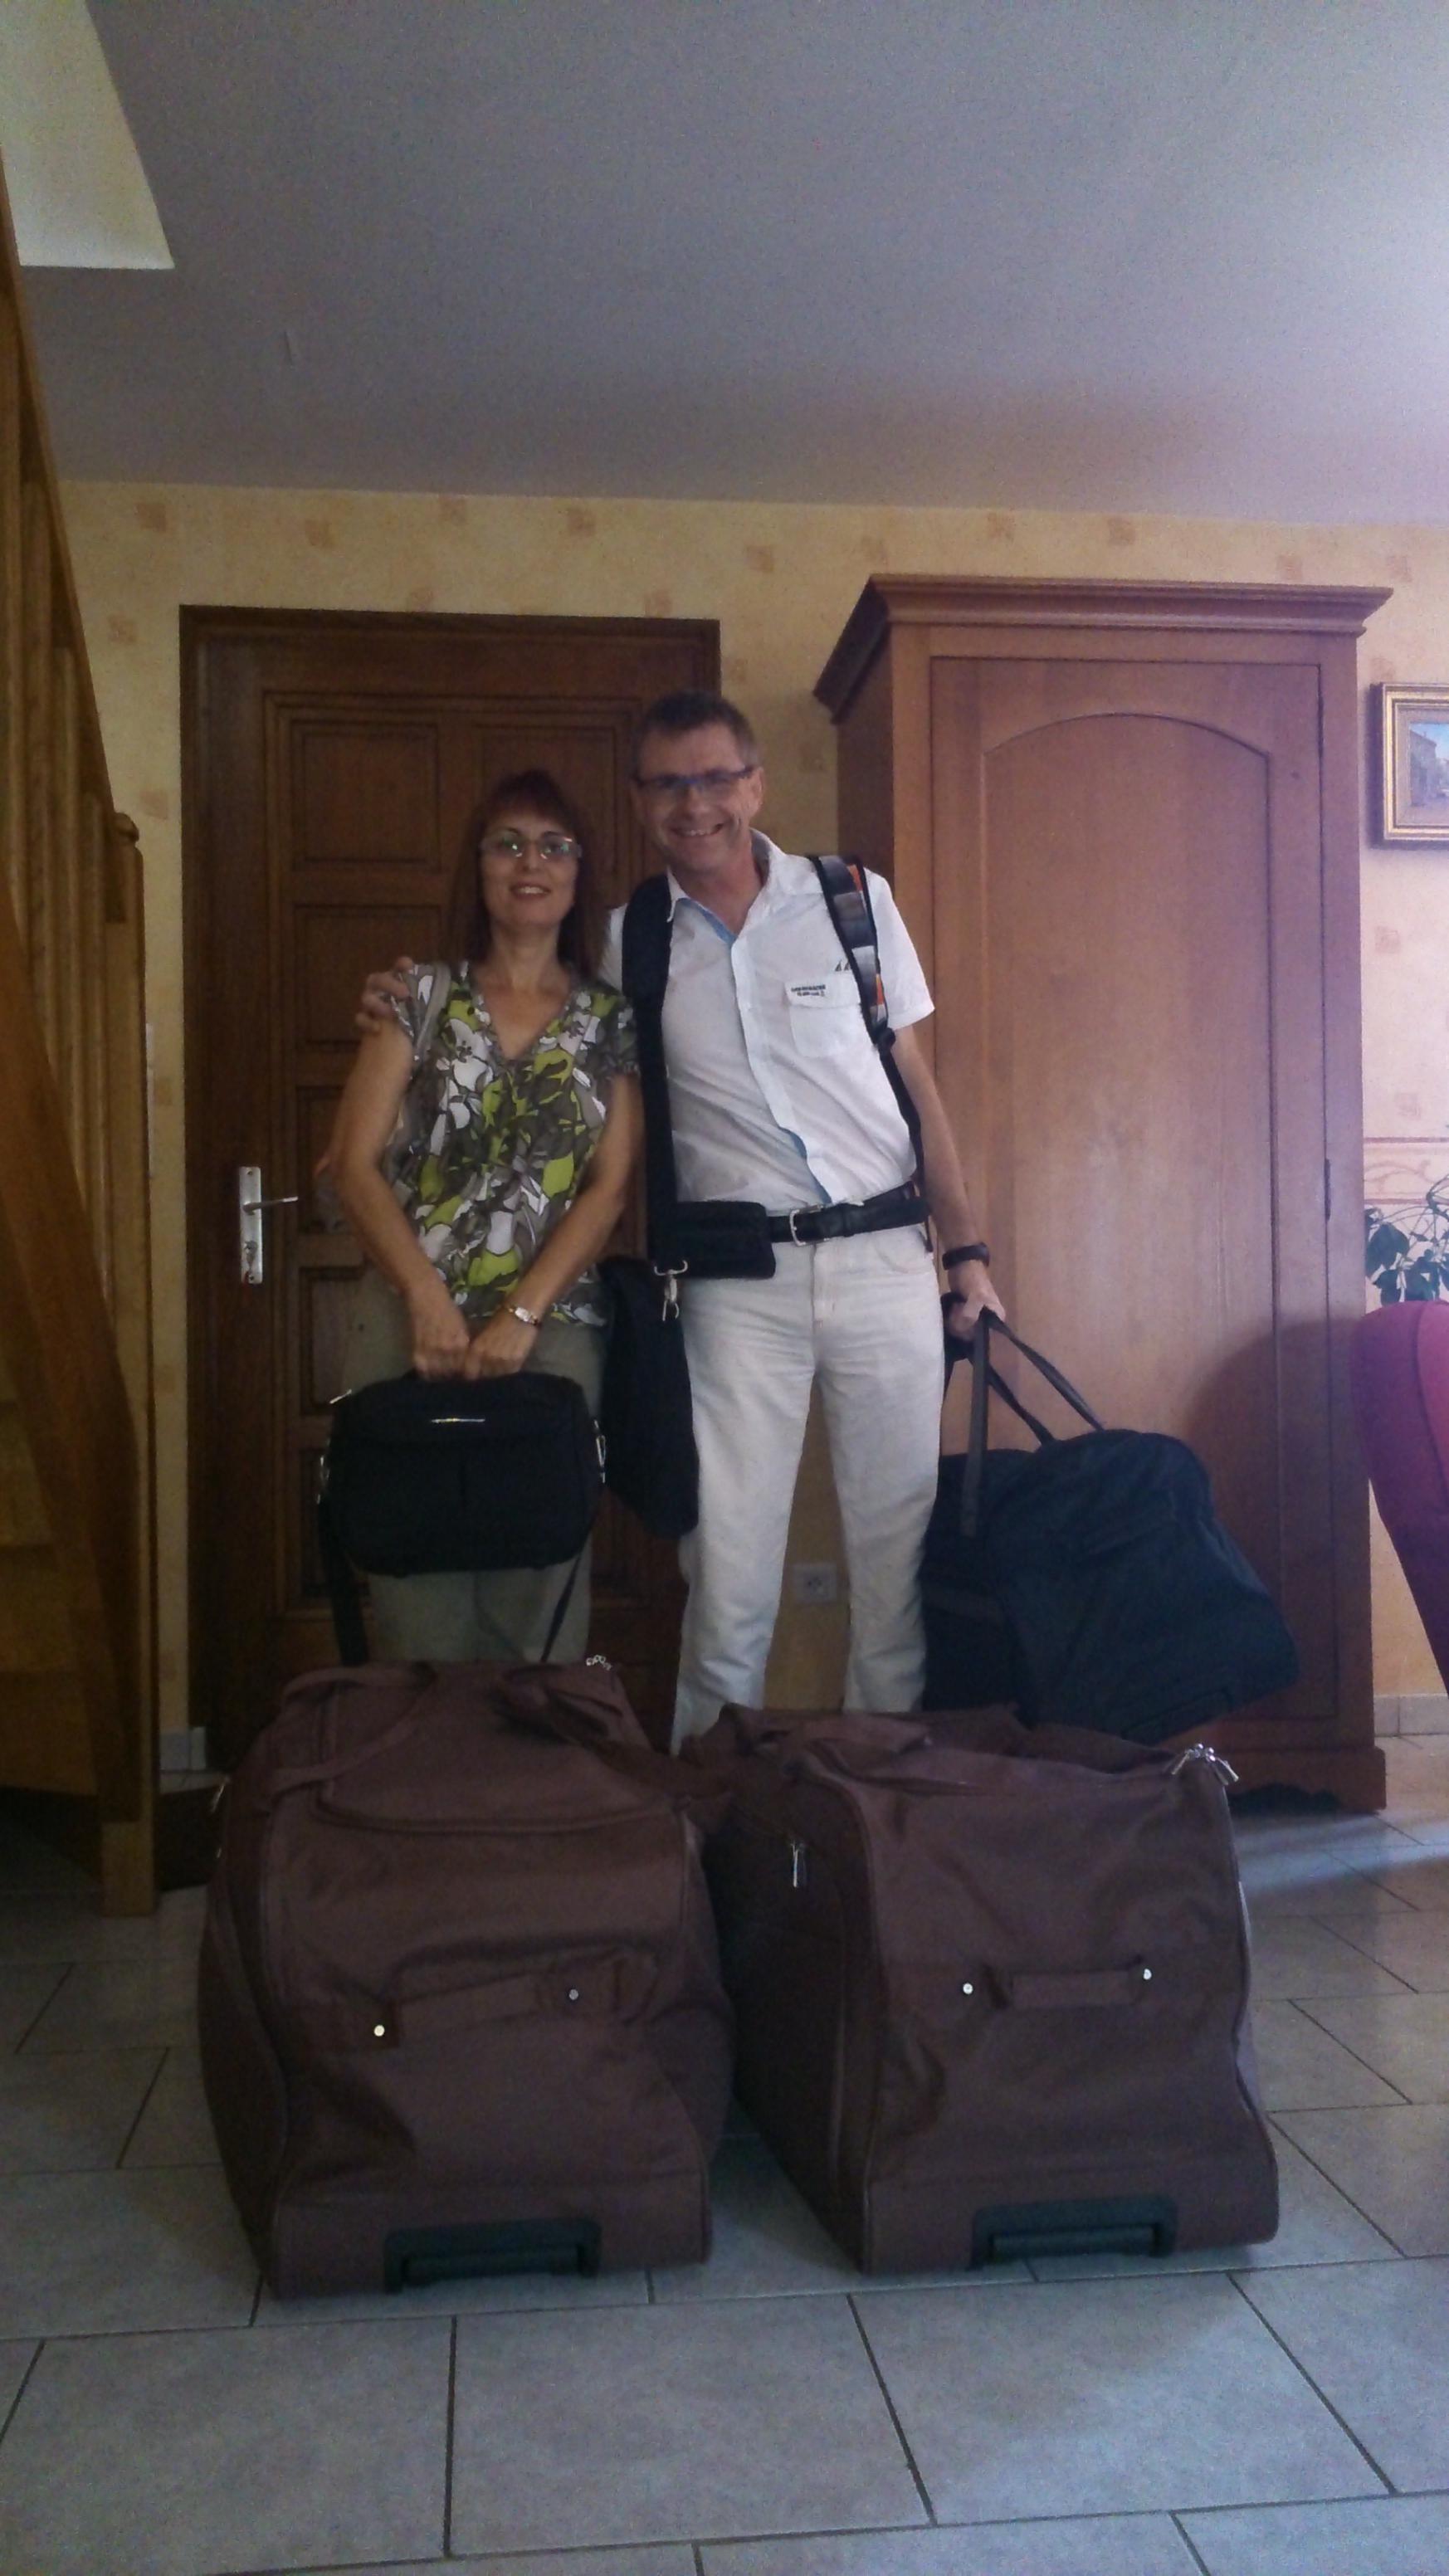 Le départ du domicile